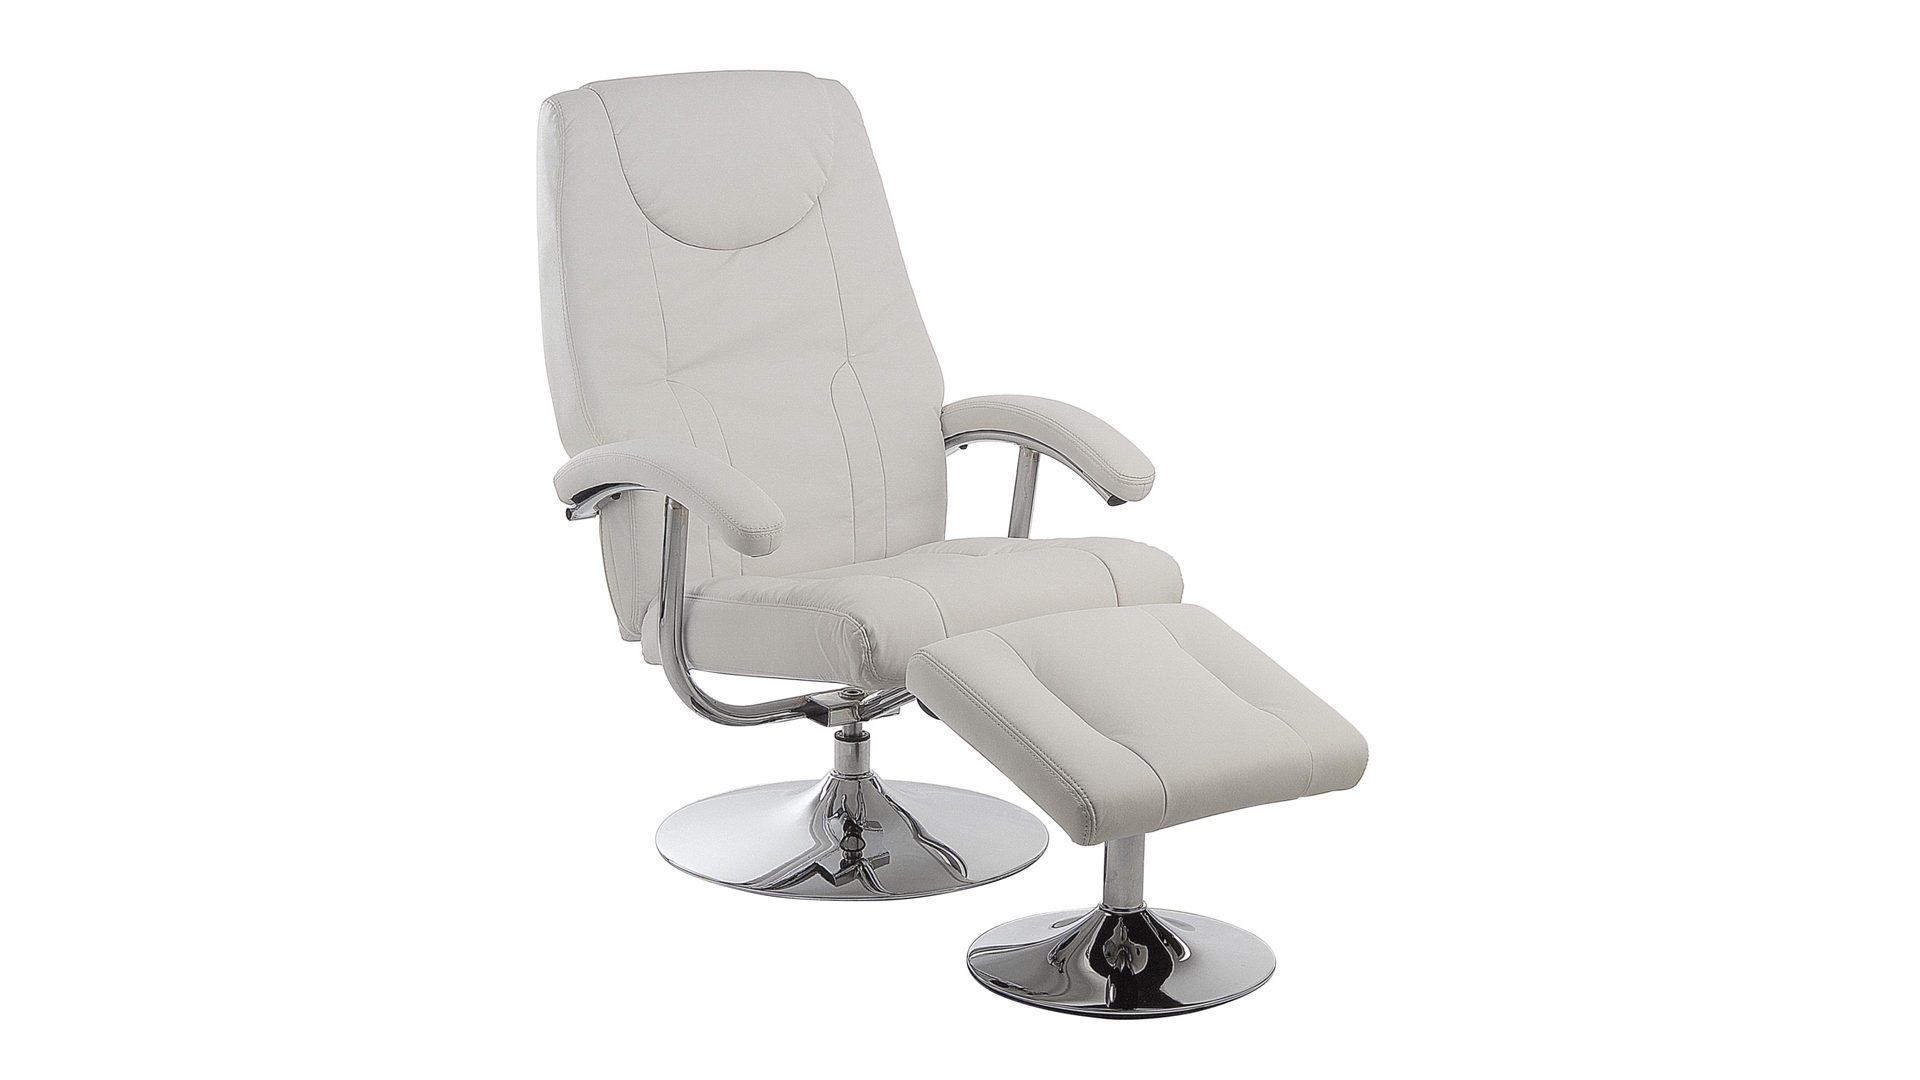 Möbel Hölzle Villingen Schwenningen Räume Wohnzimmer Sessel